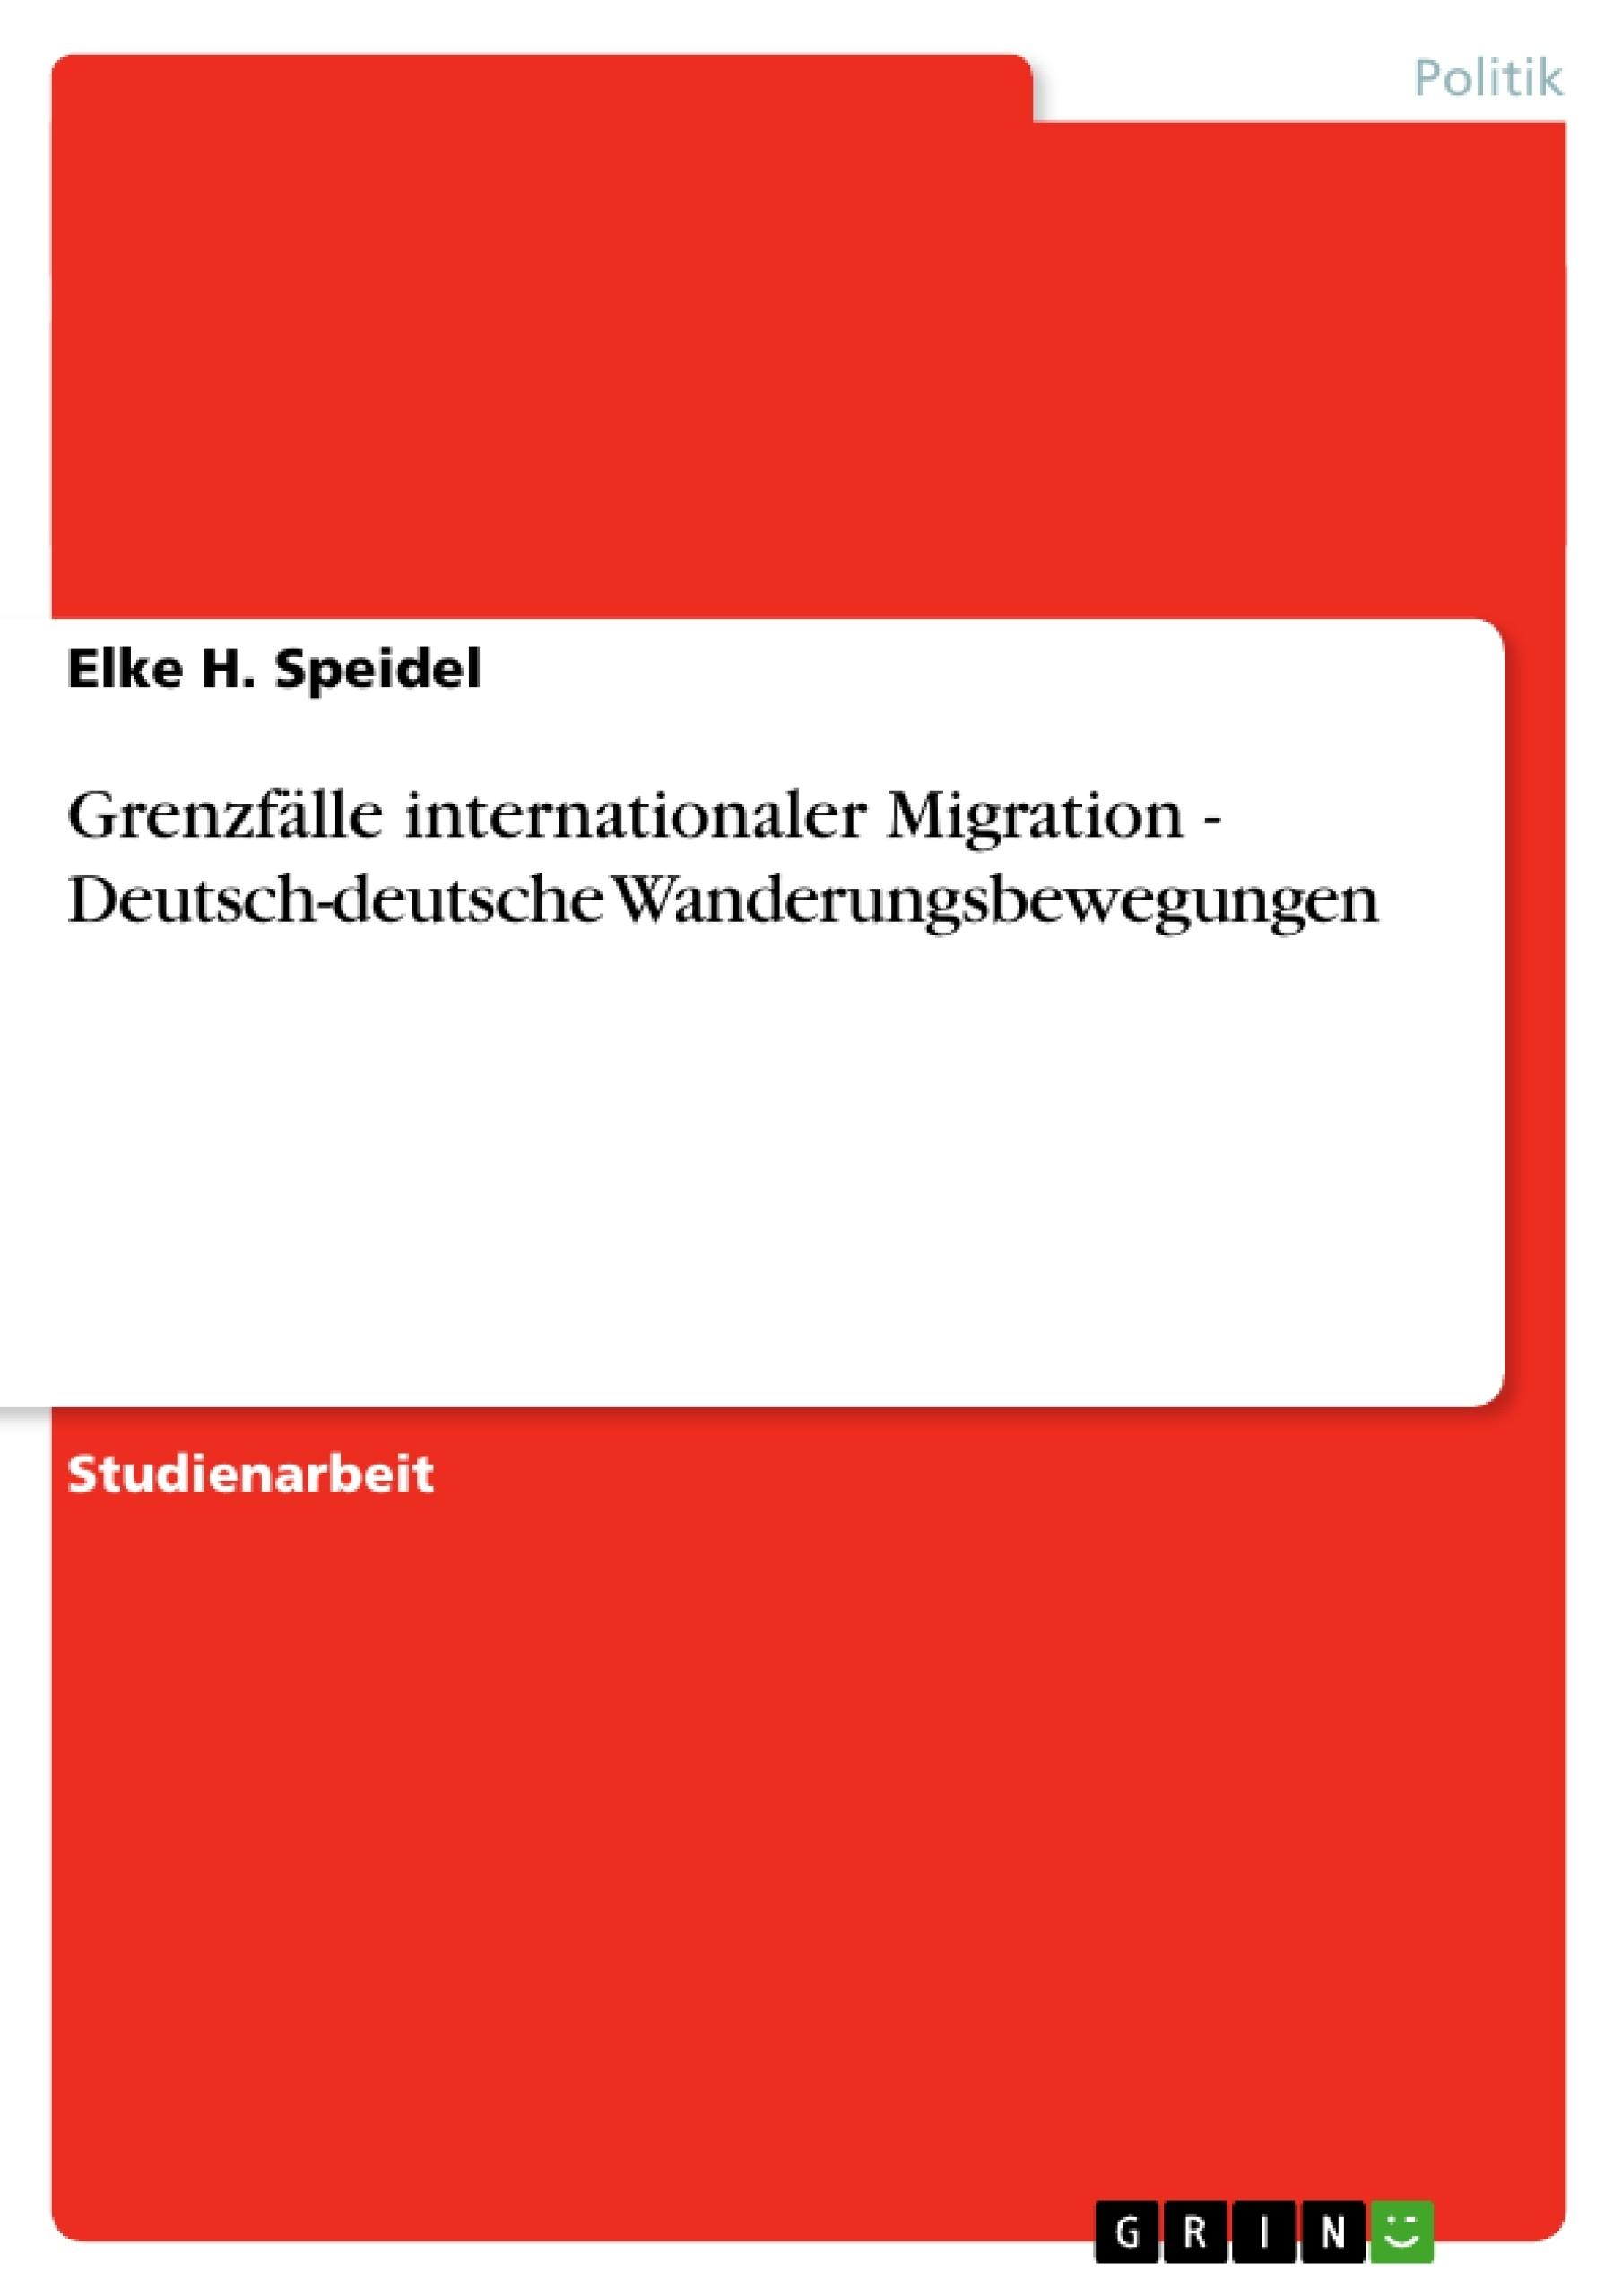 Titel: Grenzfälle internationaler Migration - Deutsch-deutsche Wanderungsbewegungen